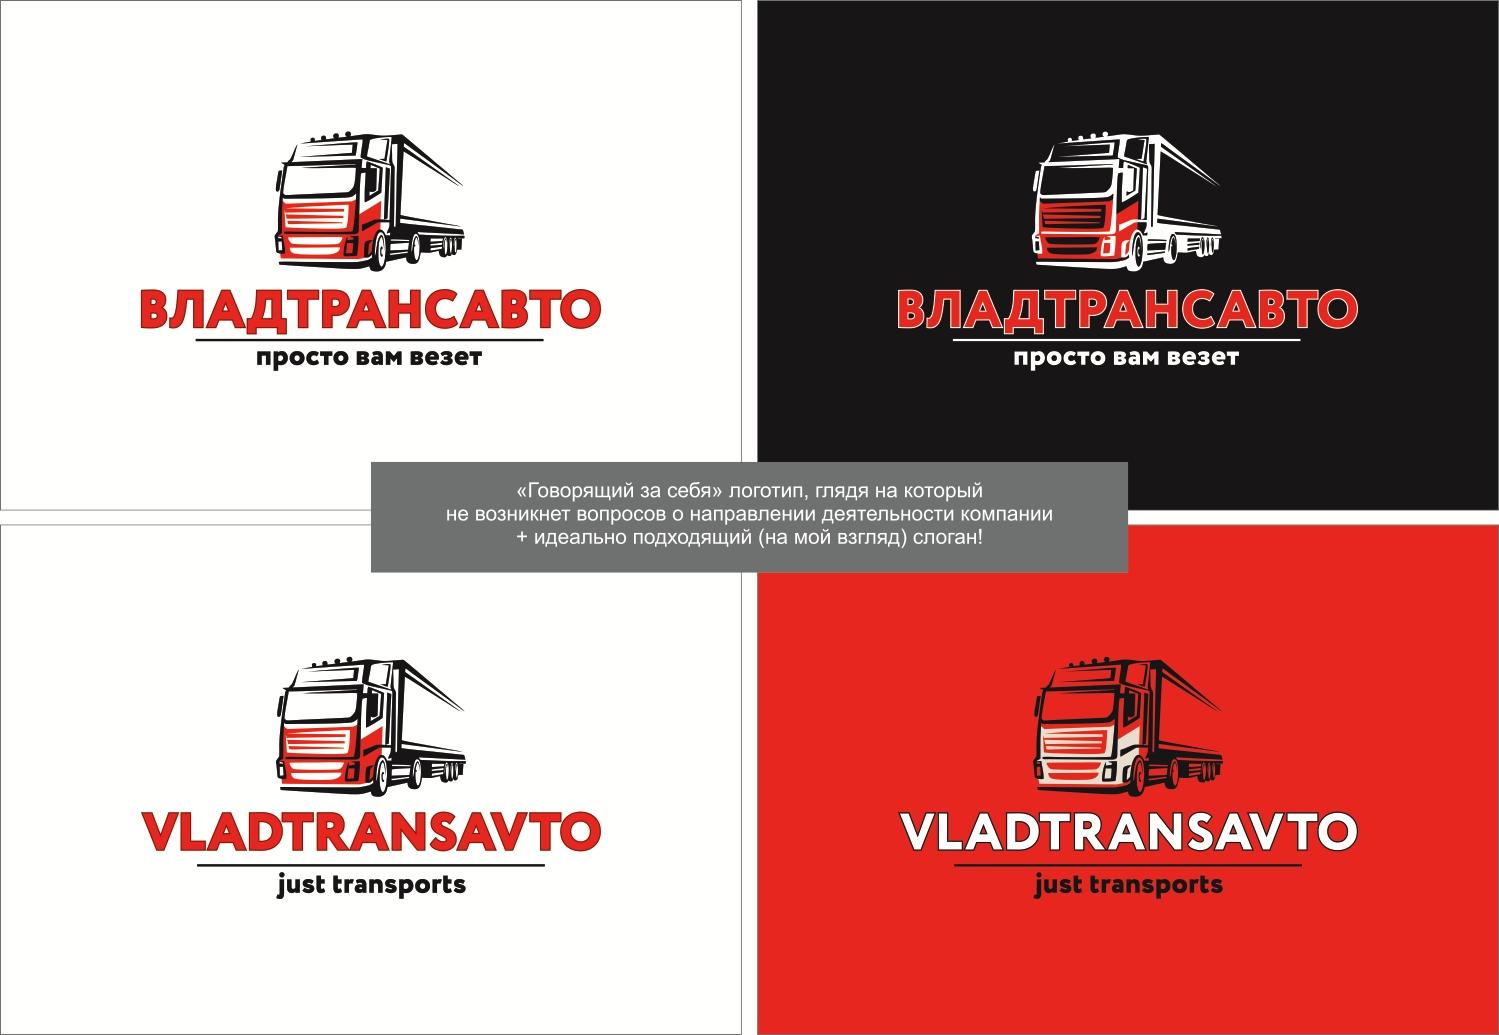 Логотип и фирменный стиль для транспортной компании Владтрансавто фото f_9855cdc00a2cf997.jpg